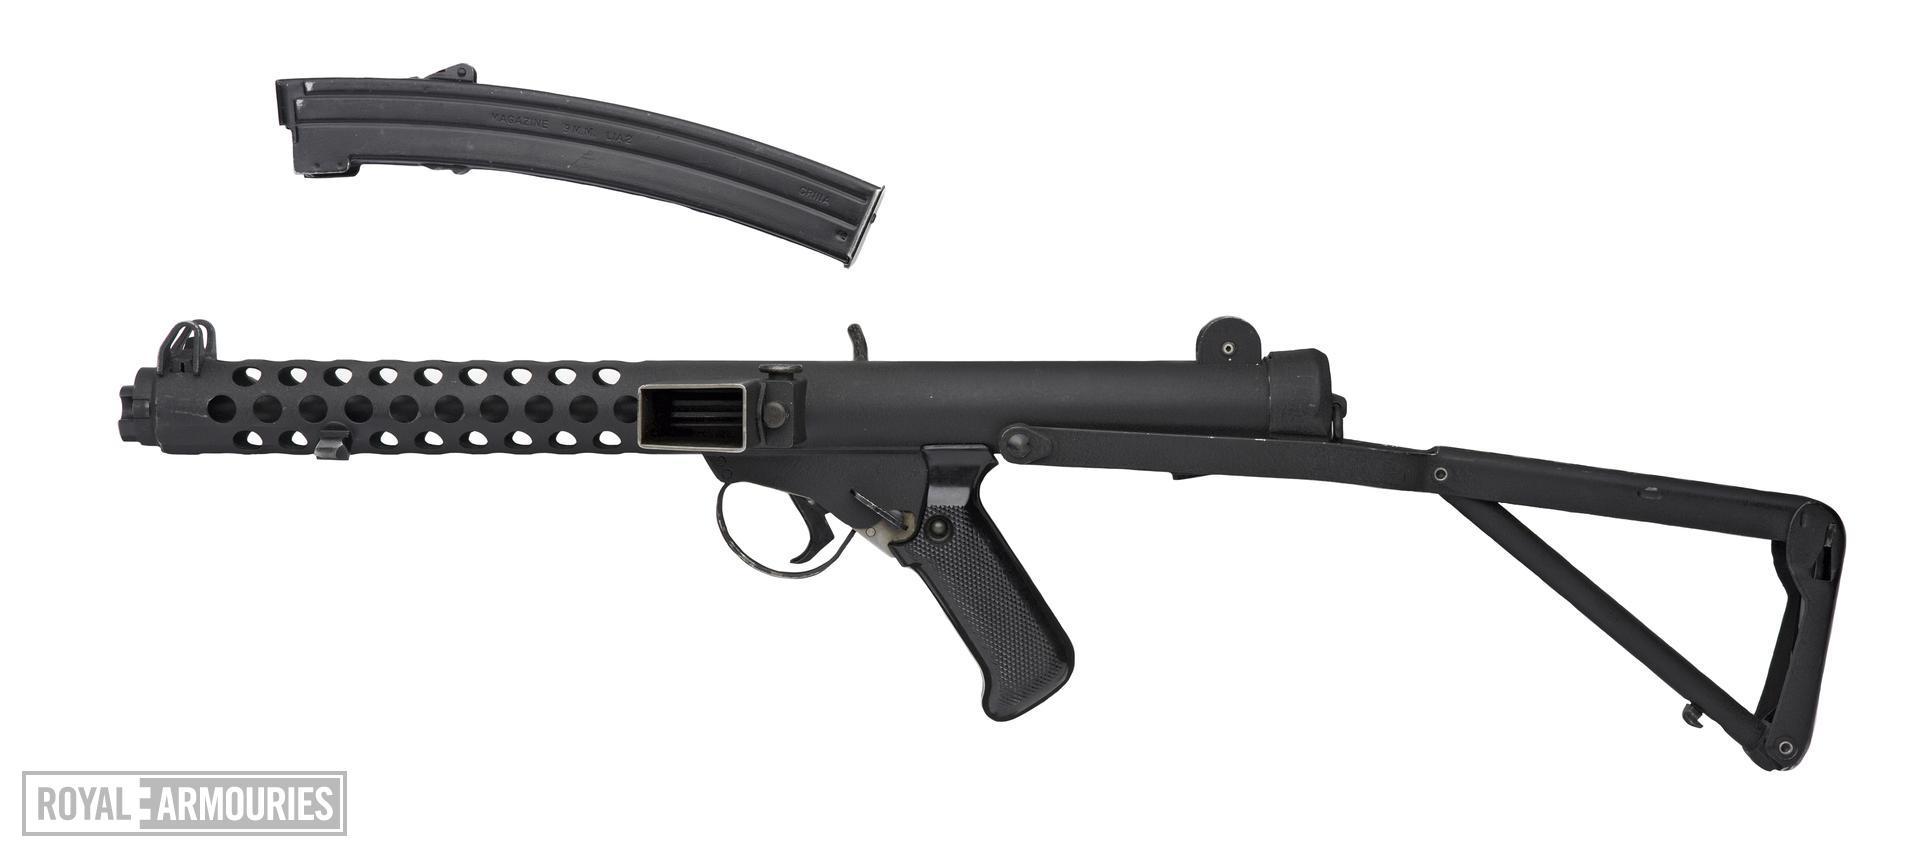 Sterling machine gun and magazine